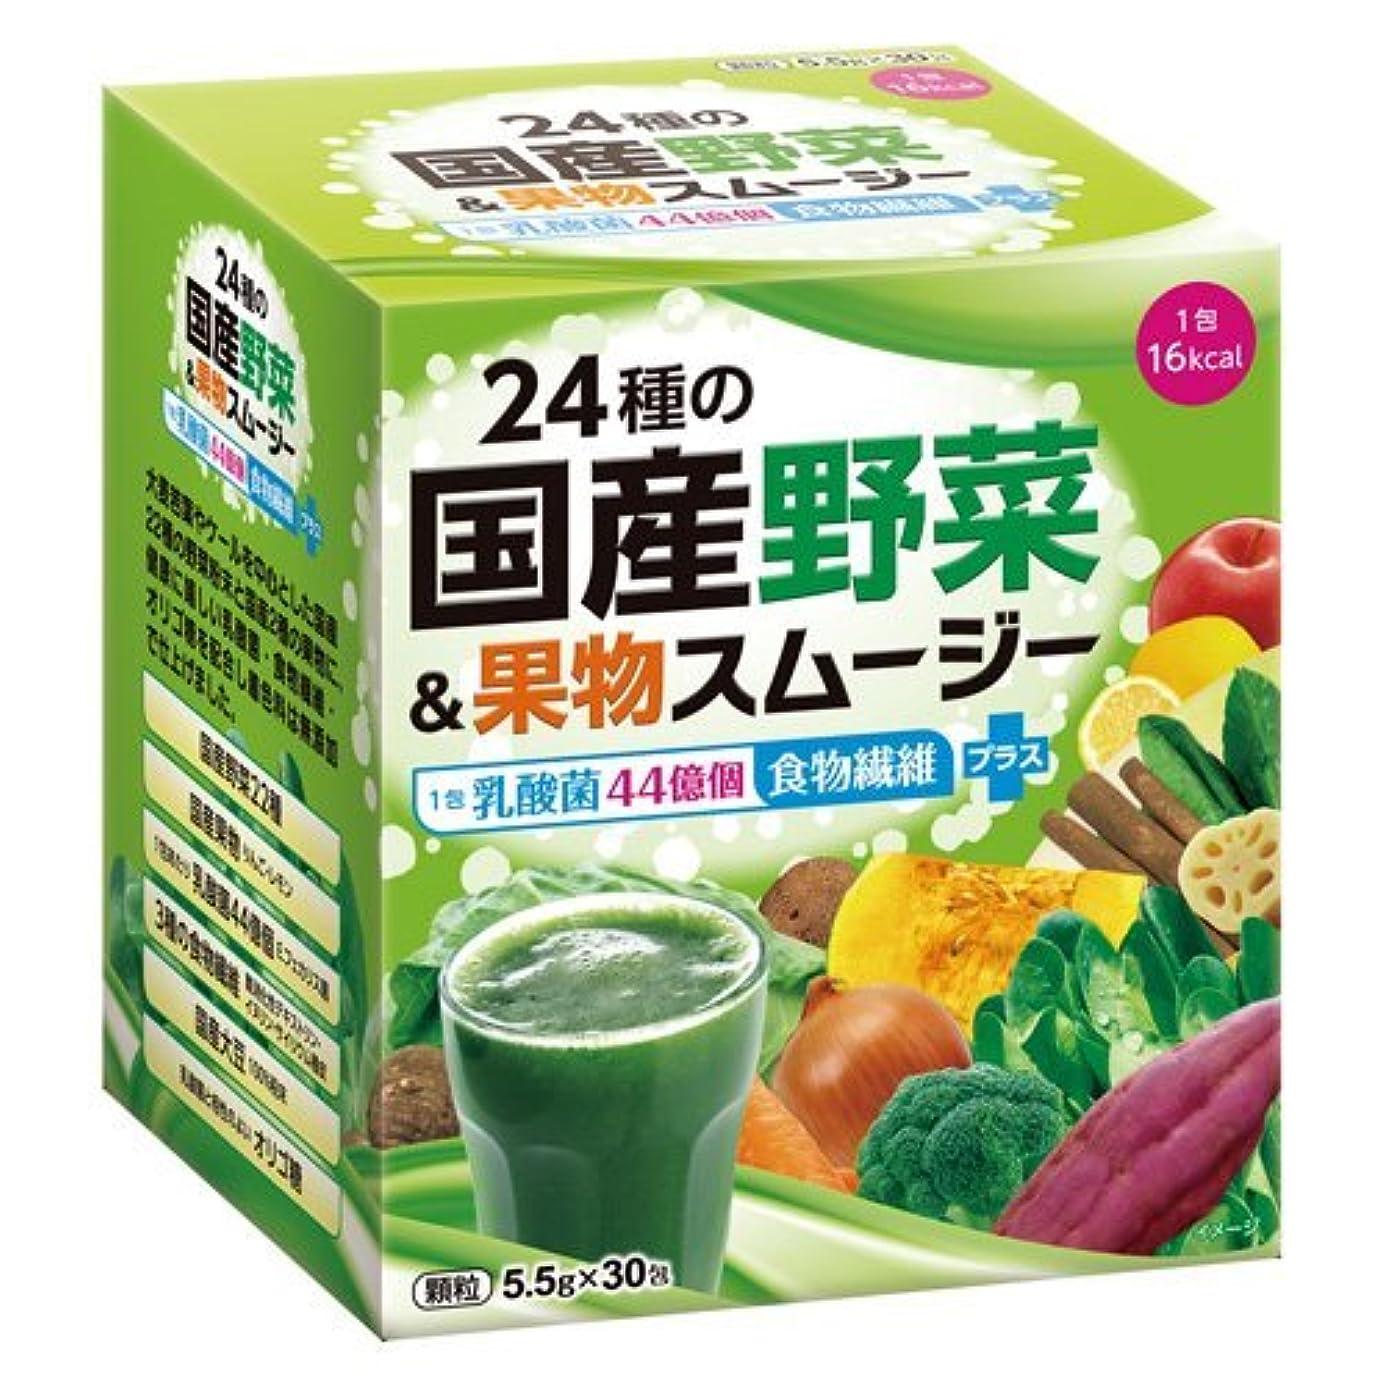 不健全靴下人工24種の国産野菜&果物スムージー 165g(5.5g×30包)